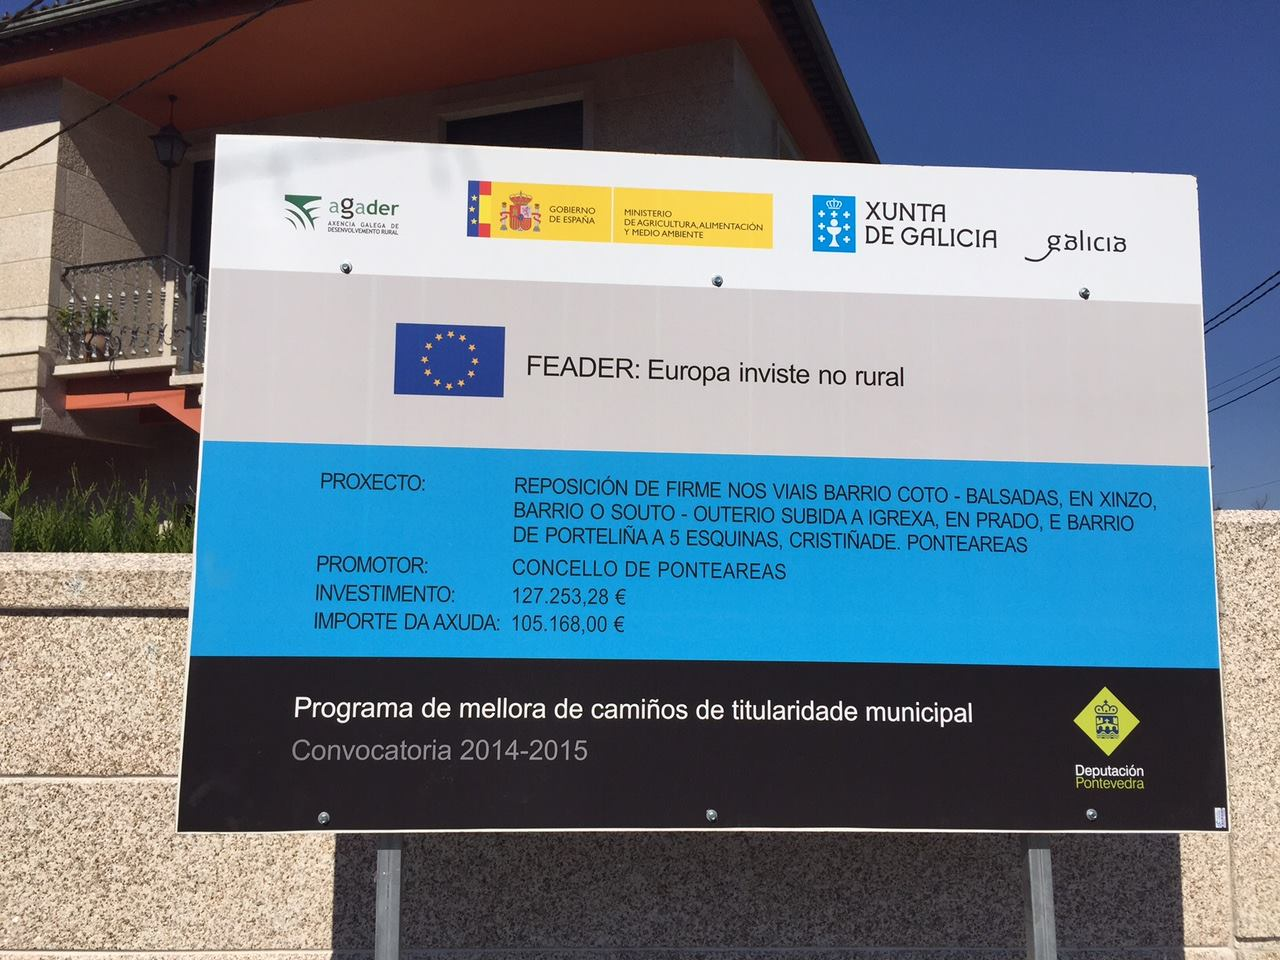 Remataron As Obras De Reposición De Firmes De Viais Parroquiais, Incluídas No Plan De Mellora De Camiños Rurais 2014-2015